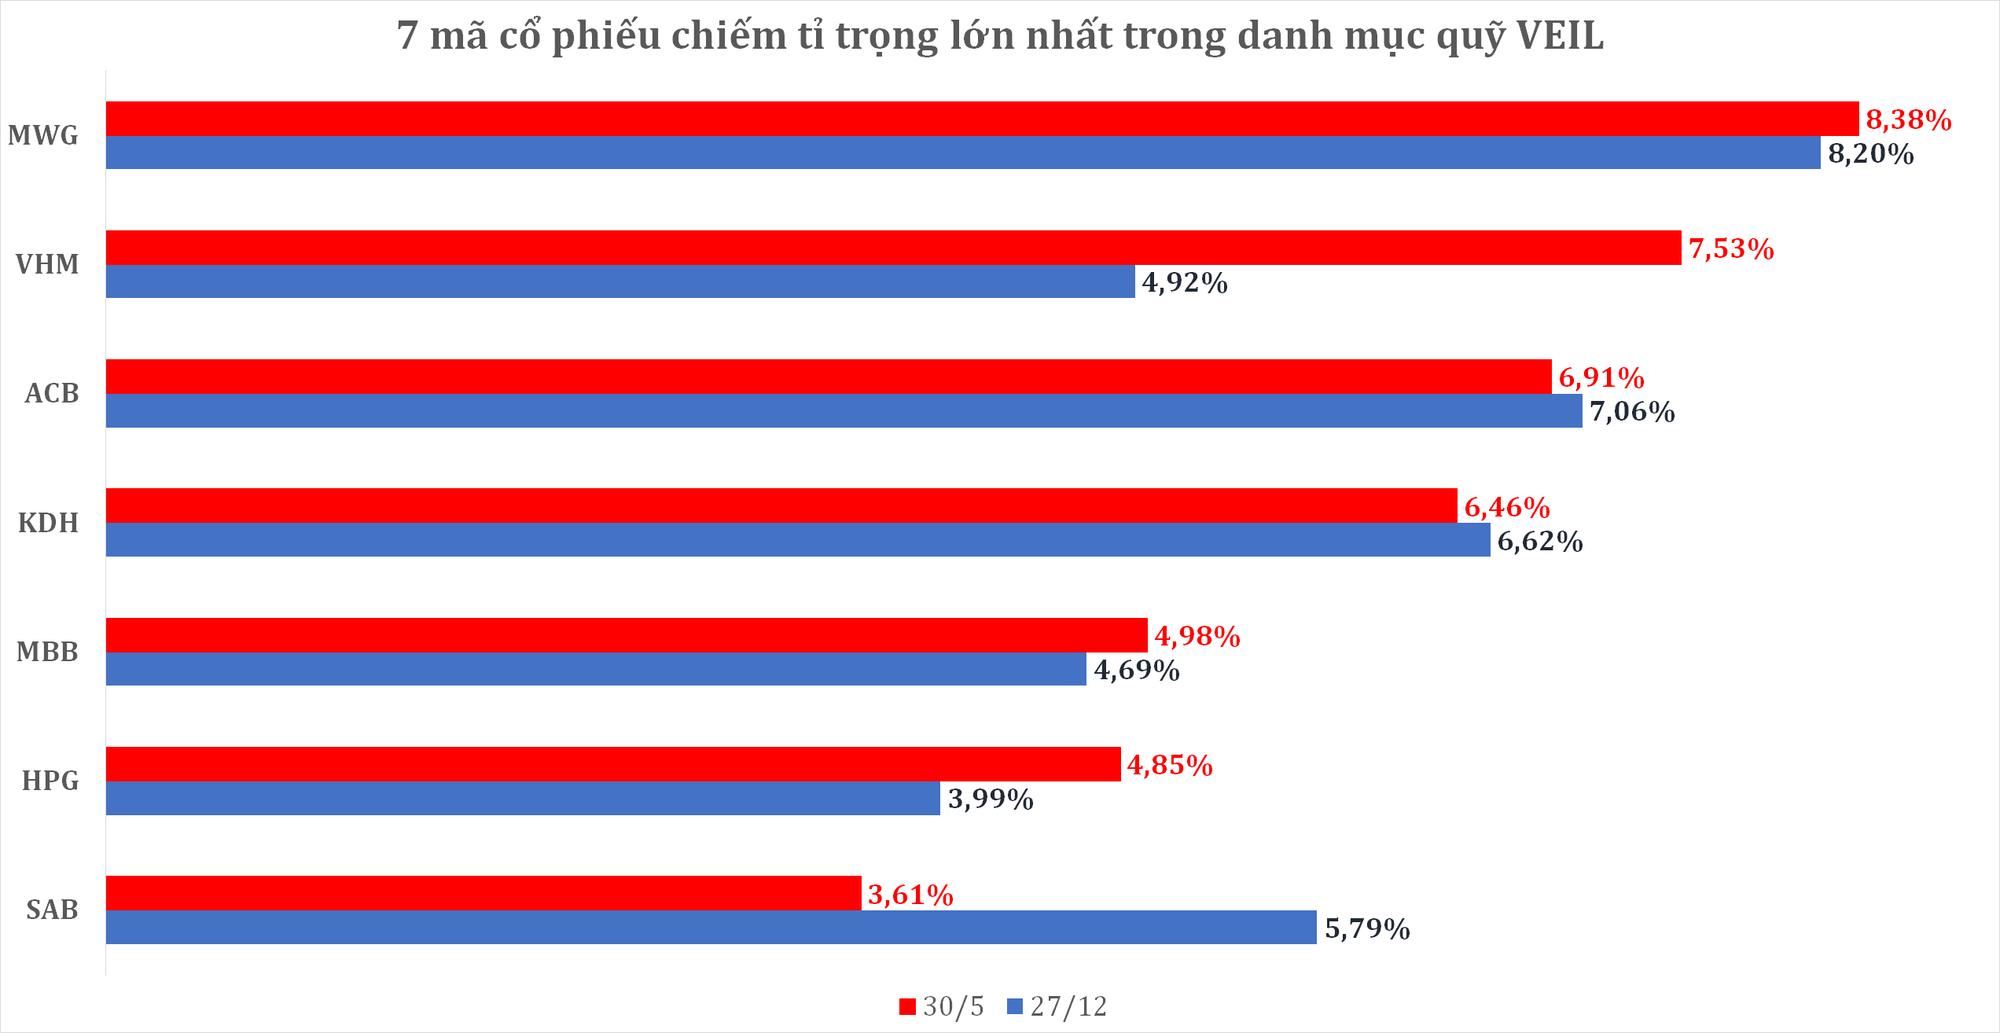 Nắm giữ danh mục lớn nhất TTCK Việt Nam, quỹ ngoại do Dragon Capital quản lí thất thủ trong 5 tháng đầu năm - Ảnh 3.